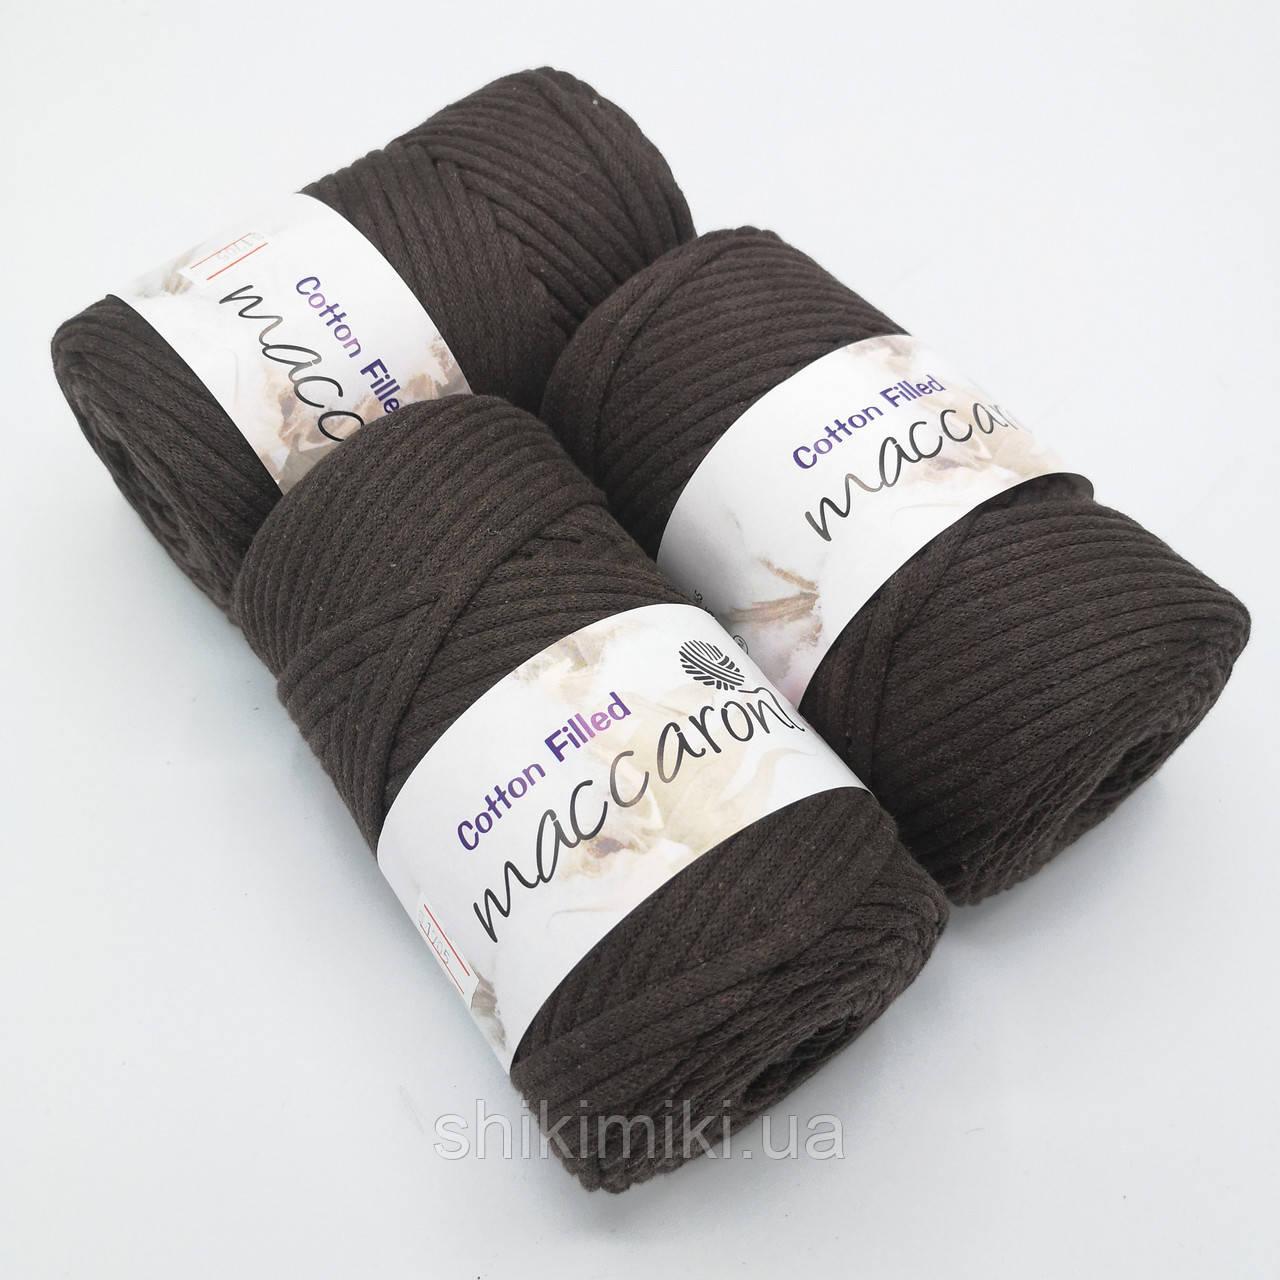 Трикотажный хлопковый шнур Cotton Filled 5 мм, цвет Шоколадный